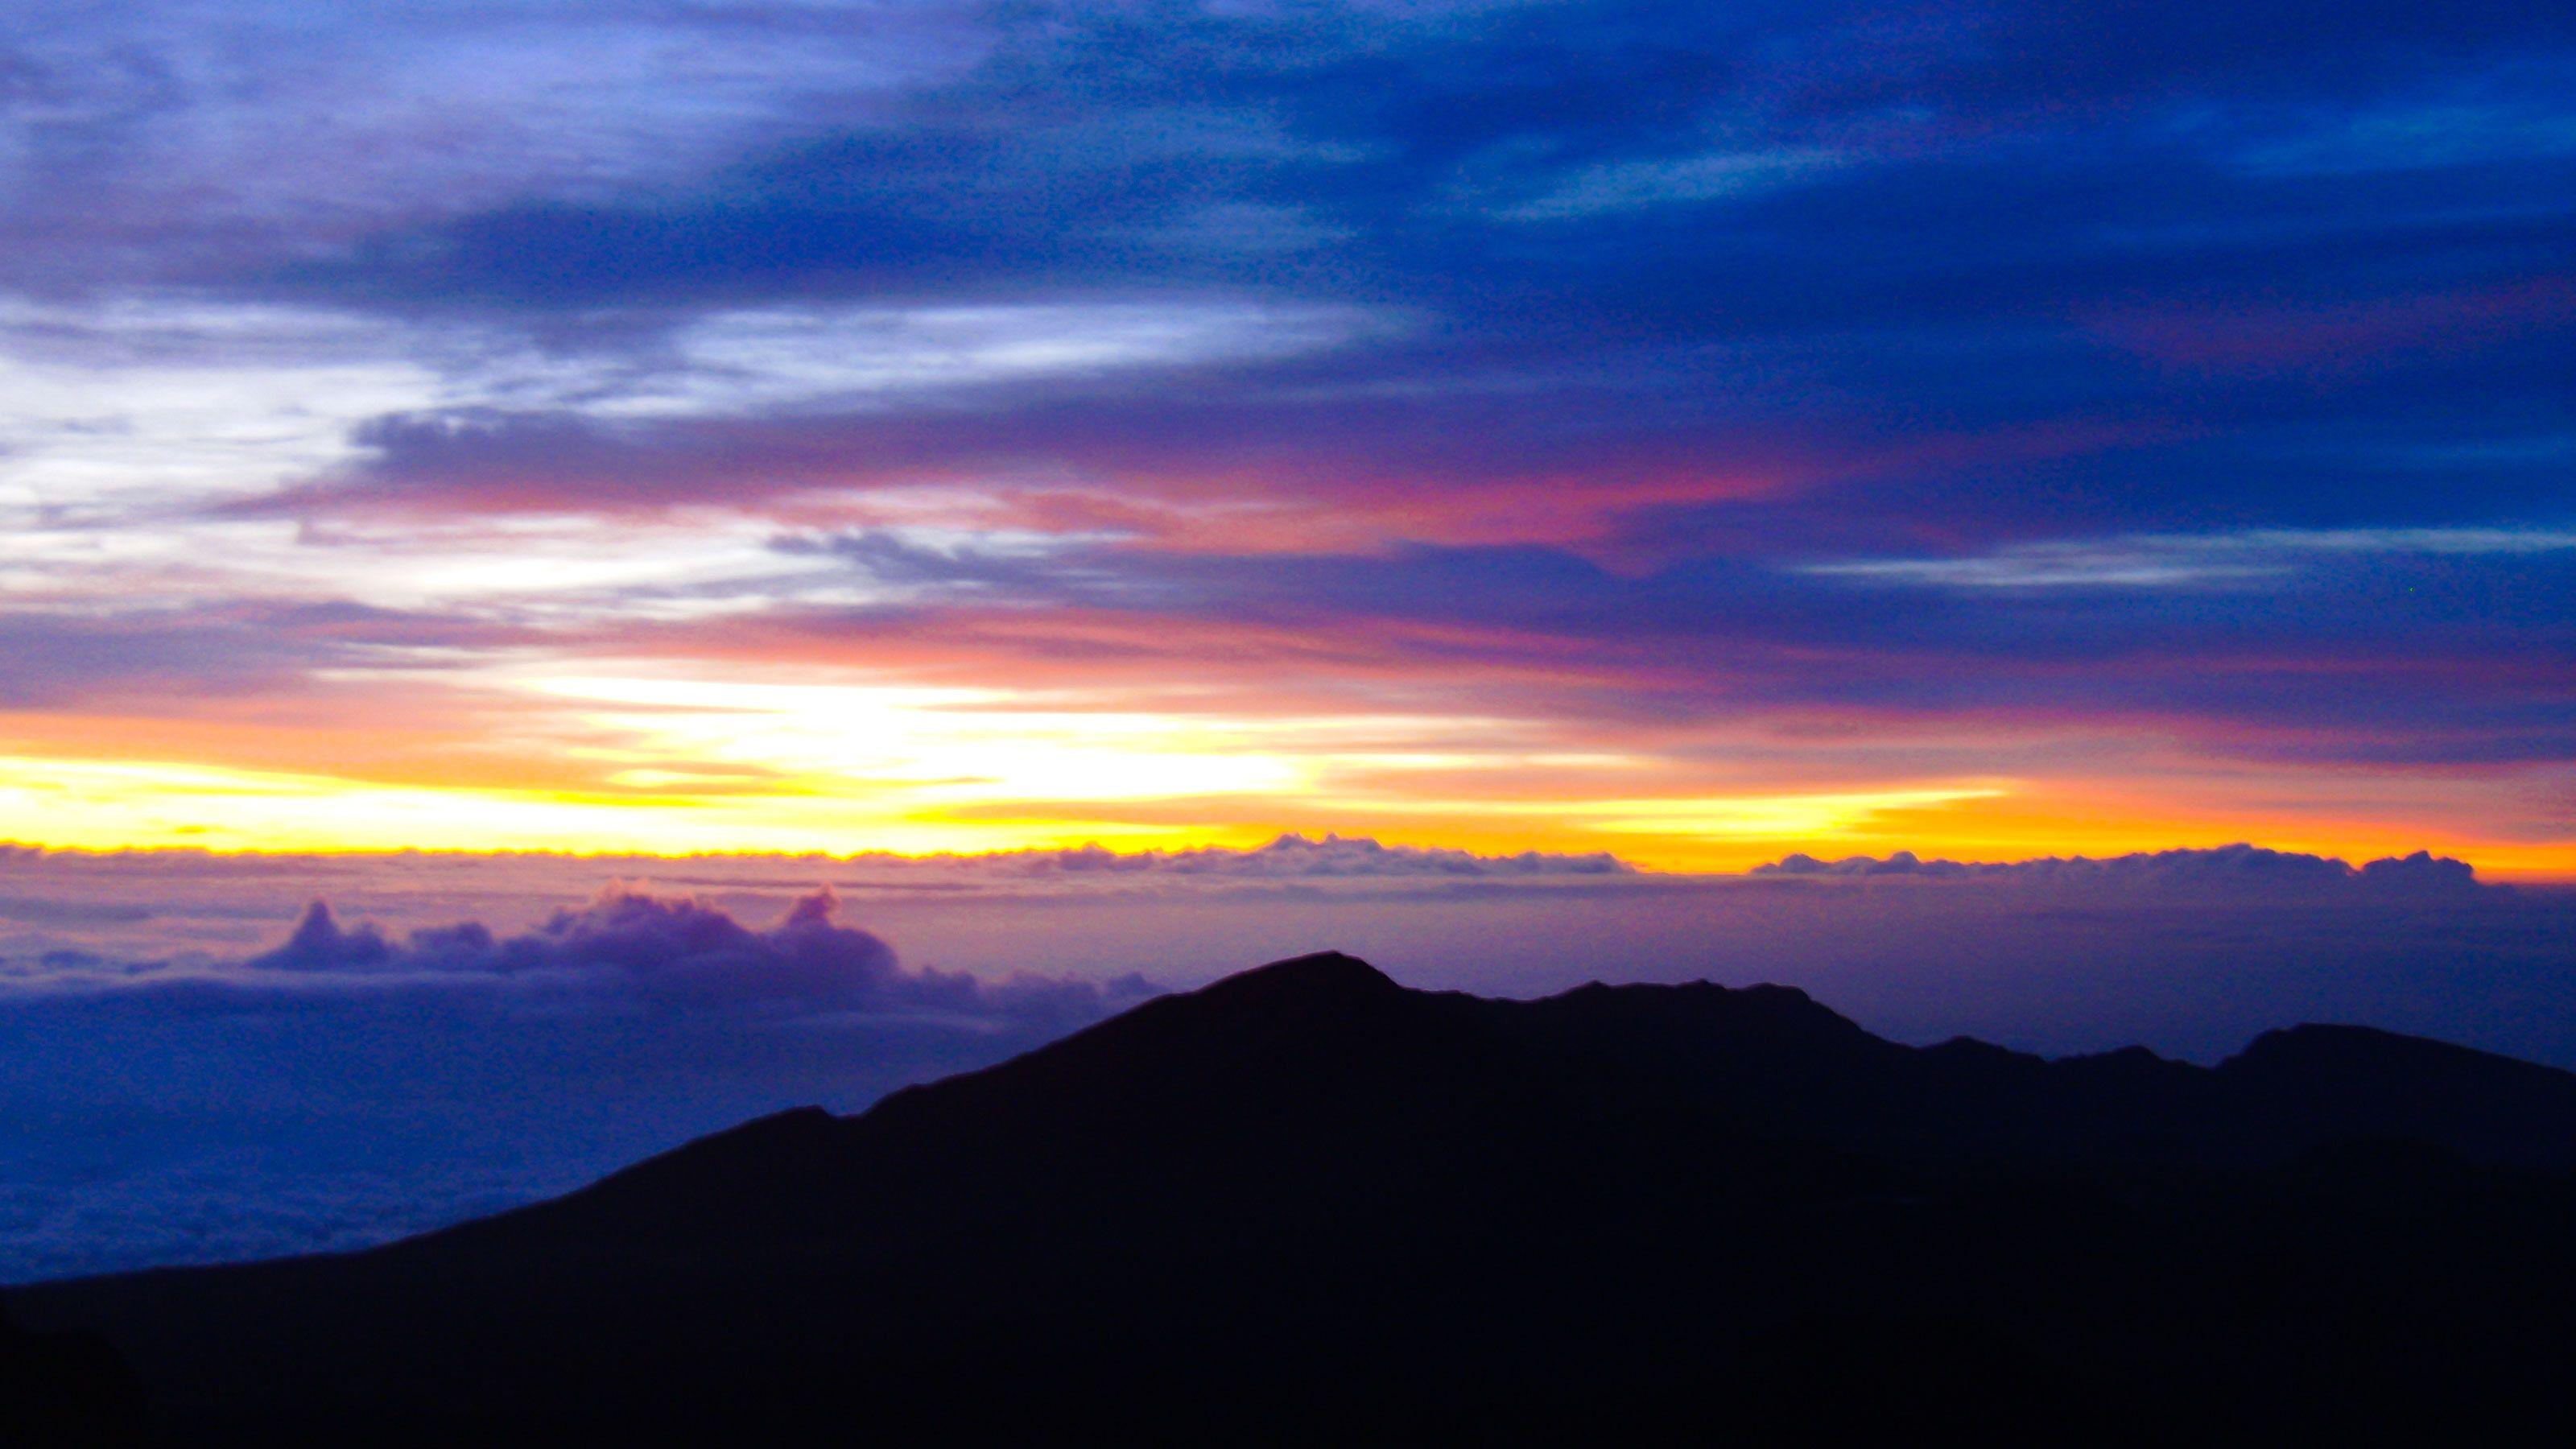 Sunrise on the Haleakala Volcano in Maui